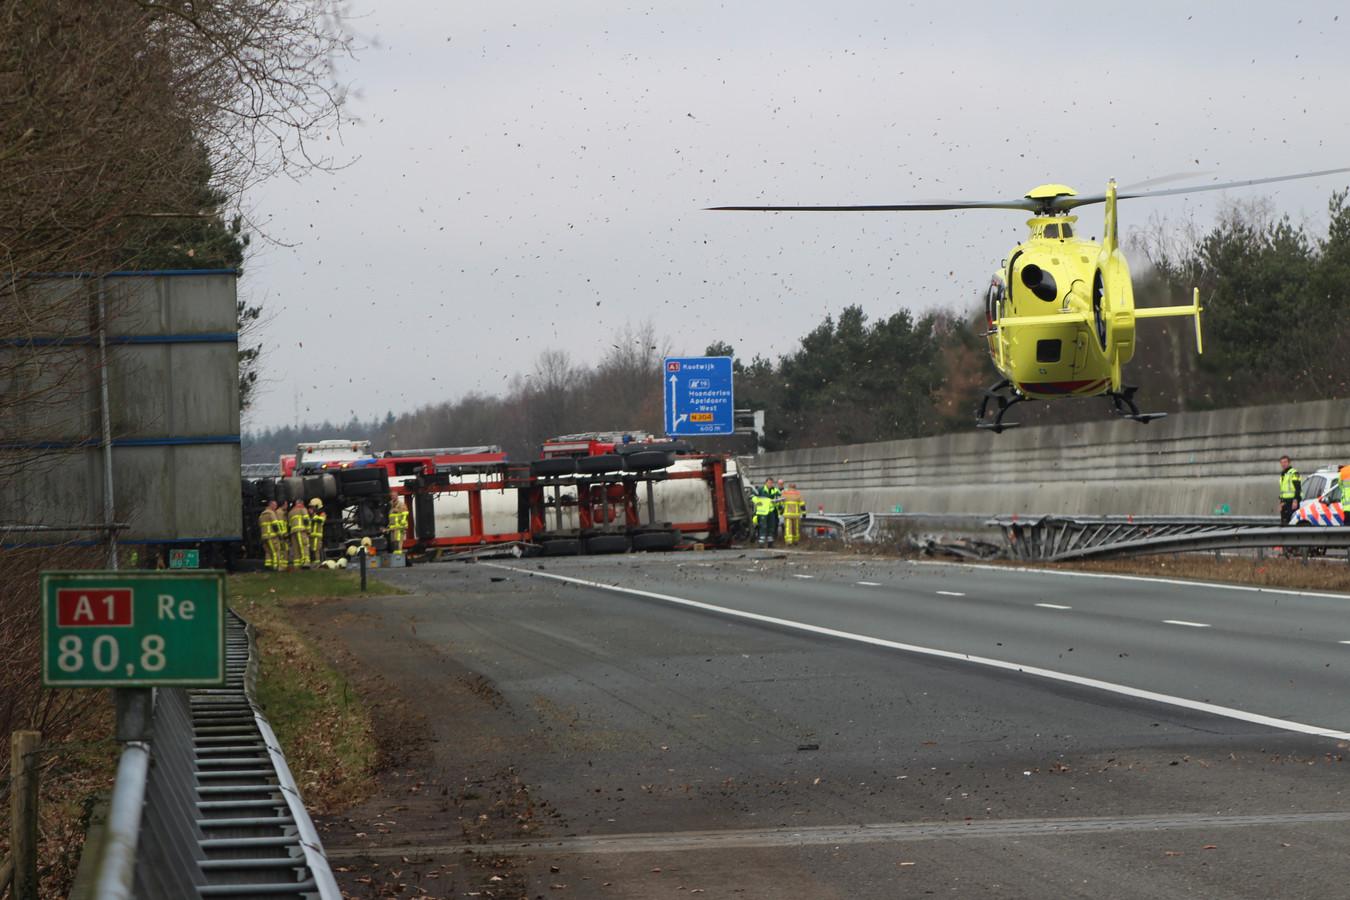 Een traumahelikopter werd ingezet om medische assistentie te verlenen bij het ongeluk op de A1.